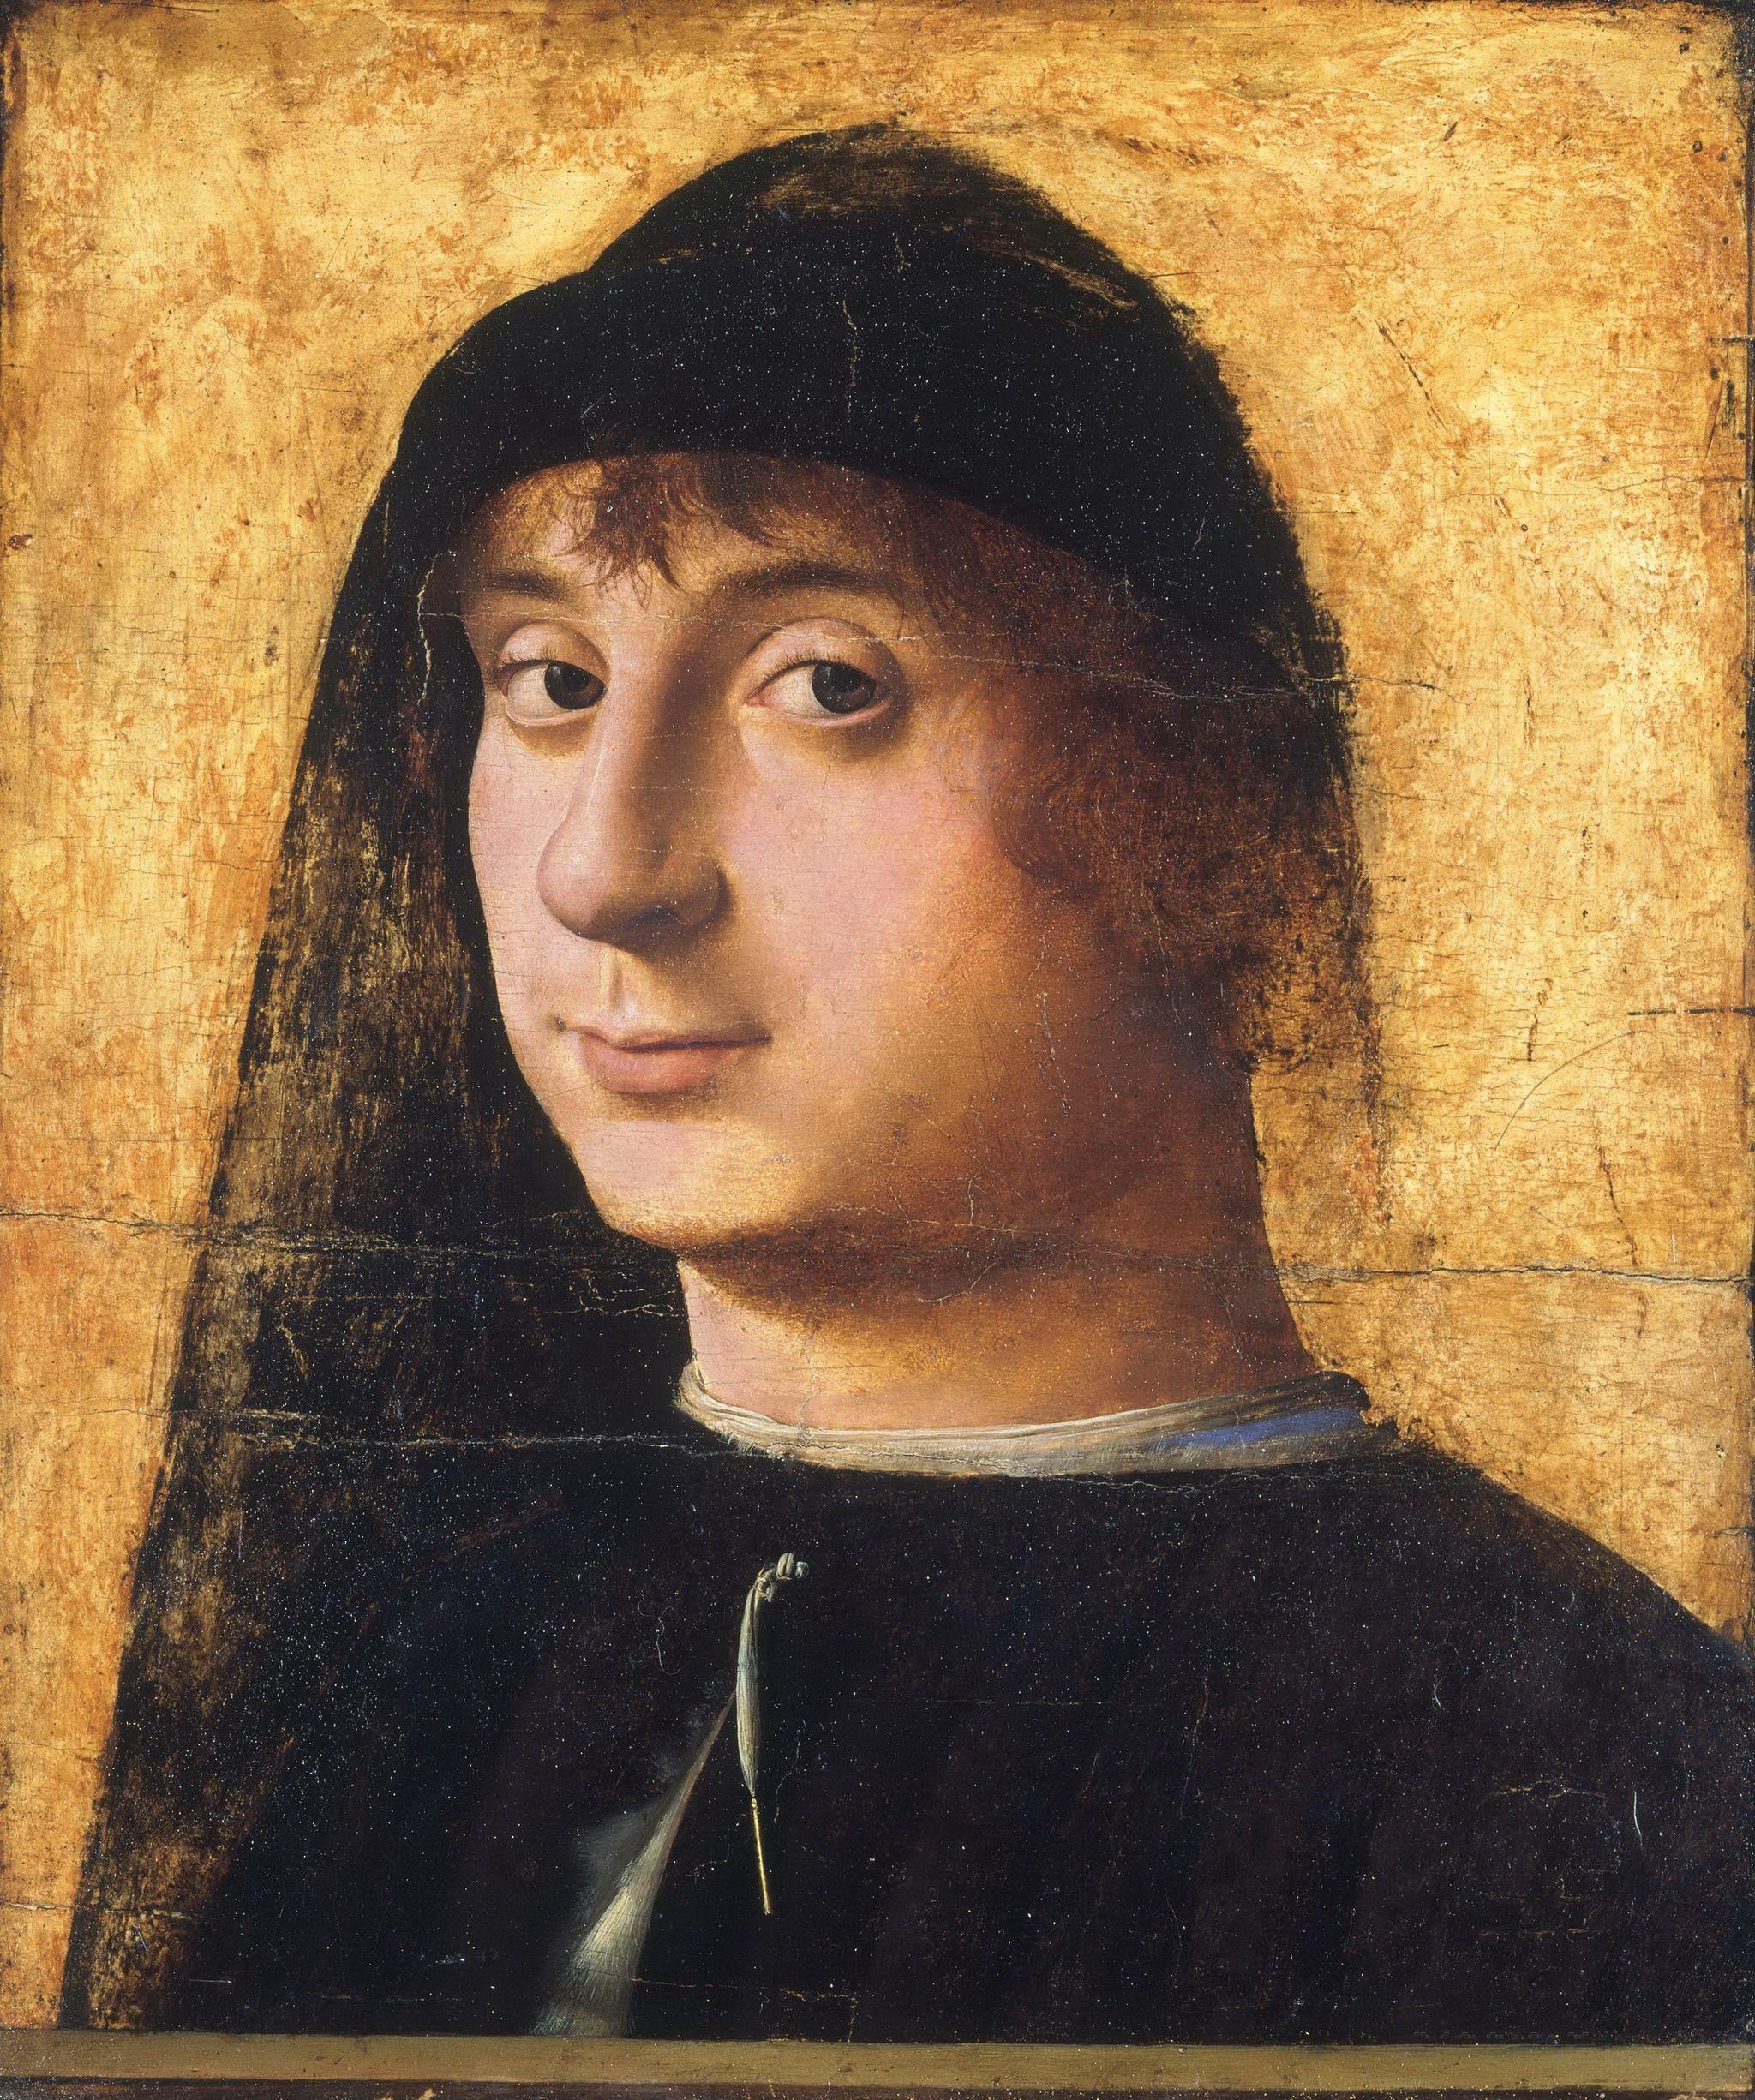 Antonello da Messina (1430–1479), Ritratto di giovane, 1474 circa, tempera e olio su tavola di noce, 31,5×26,7 cm, Filadelfia, Philadelphia Museum of Art